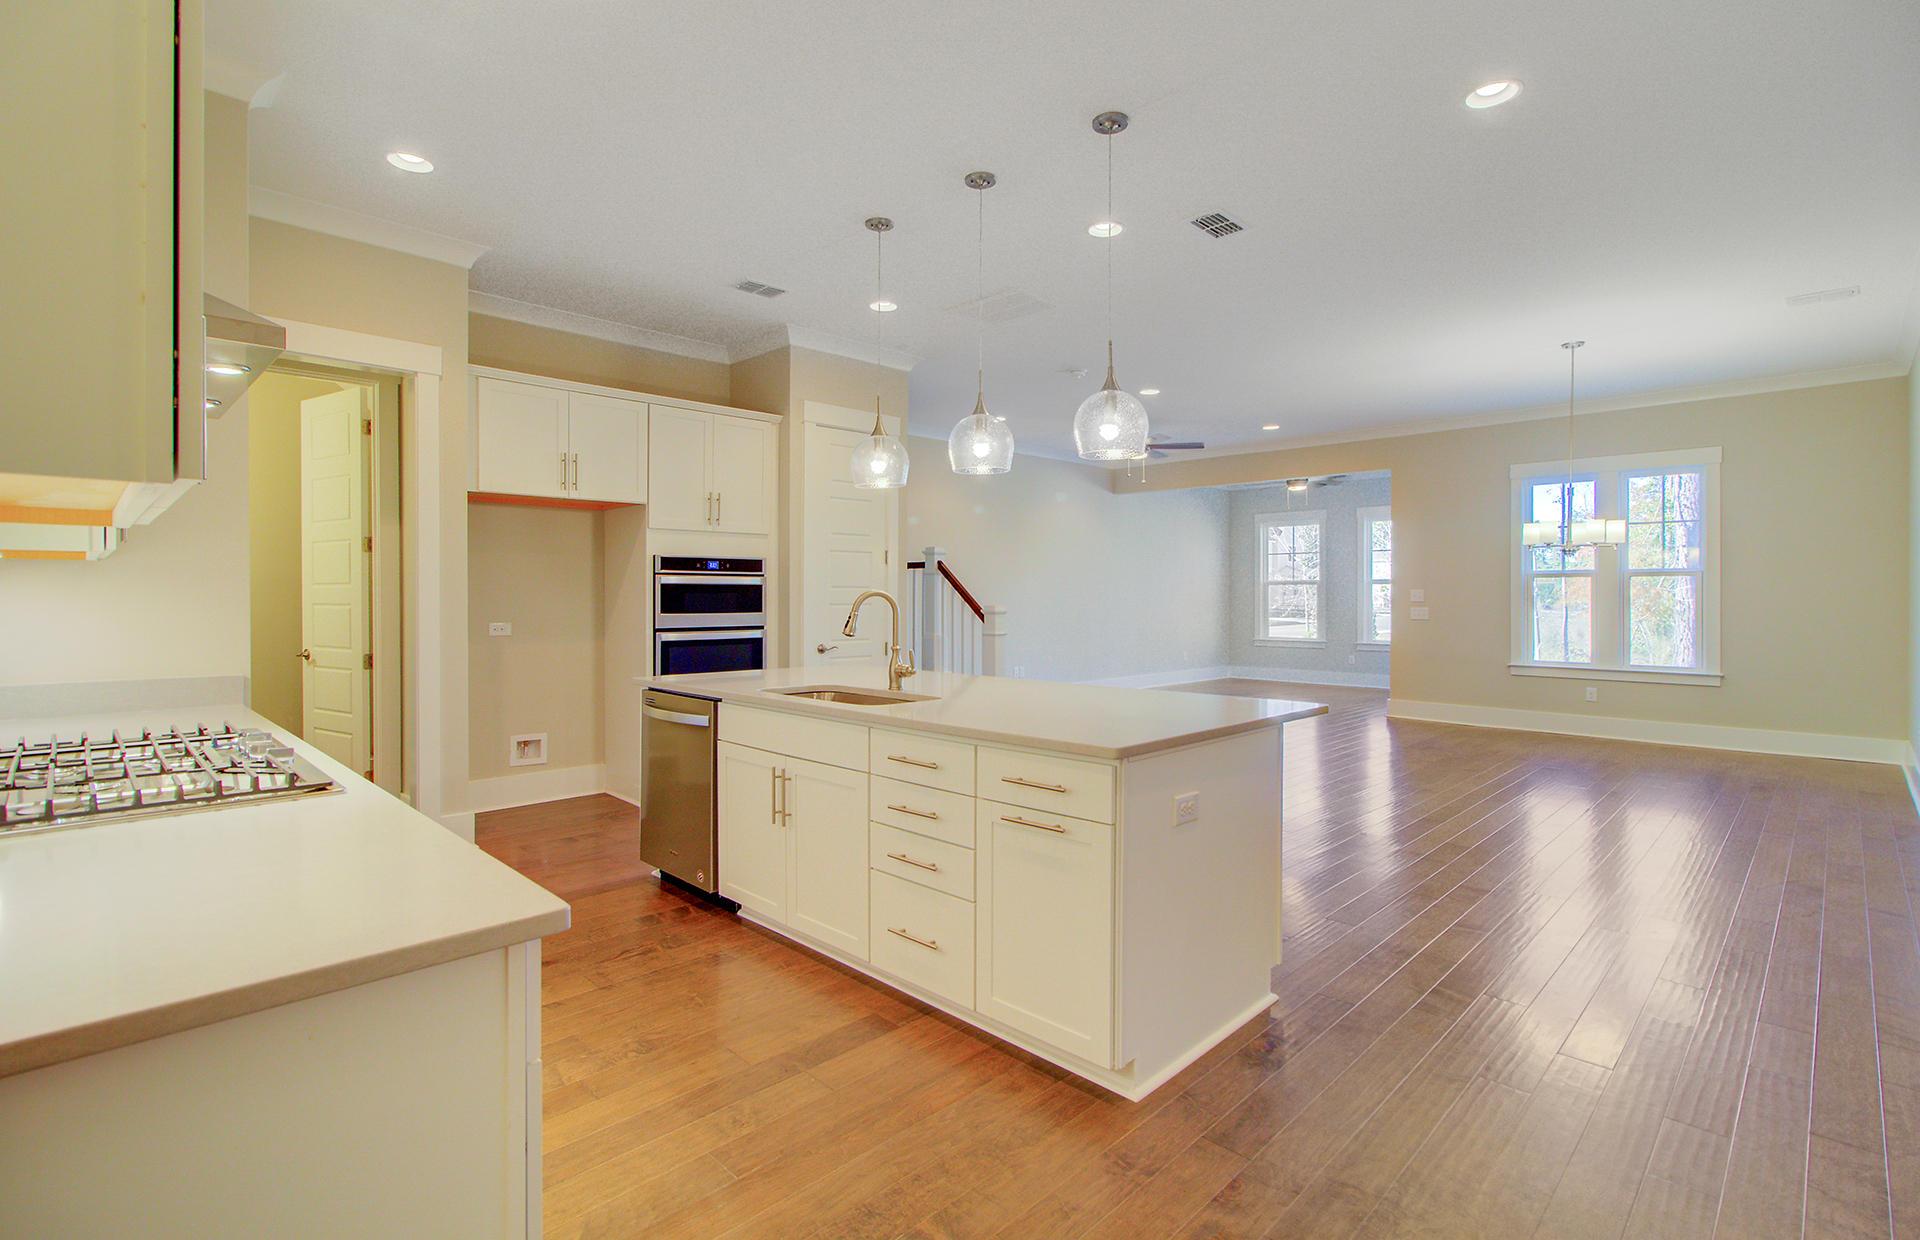 Dunes West Homes For Sale - 2420 Brackish, Mount Pleasant, SC - 22